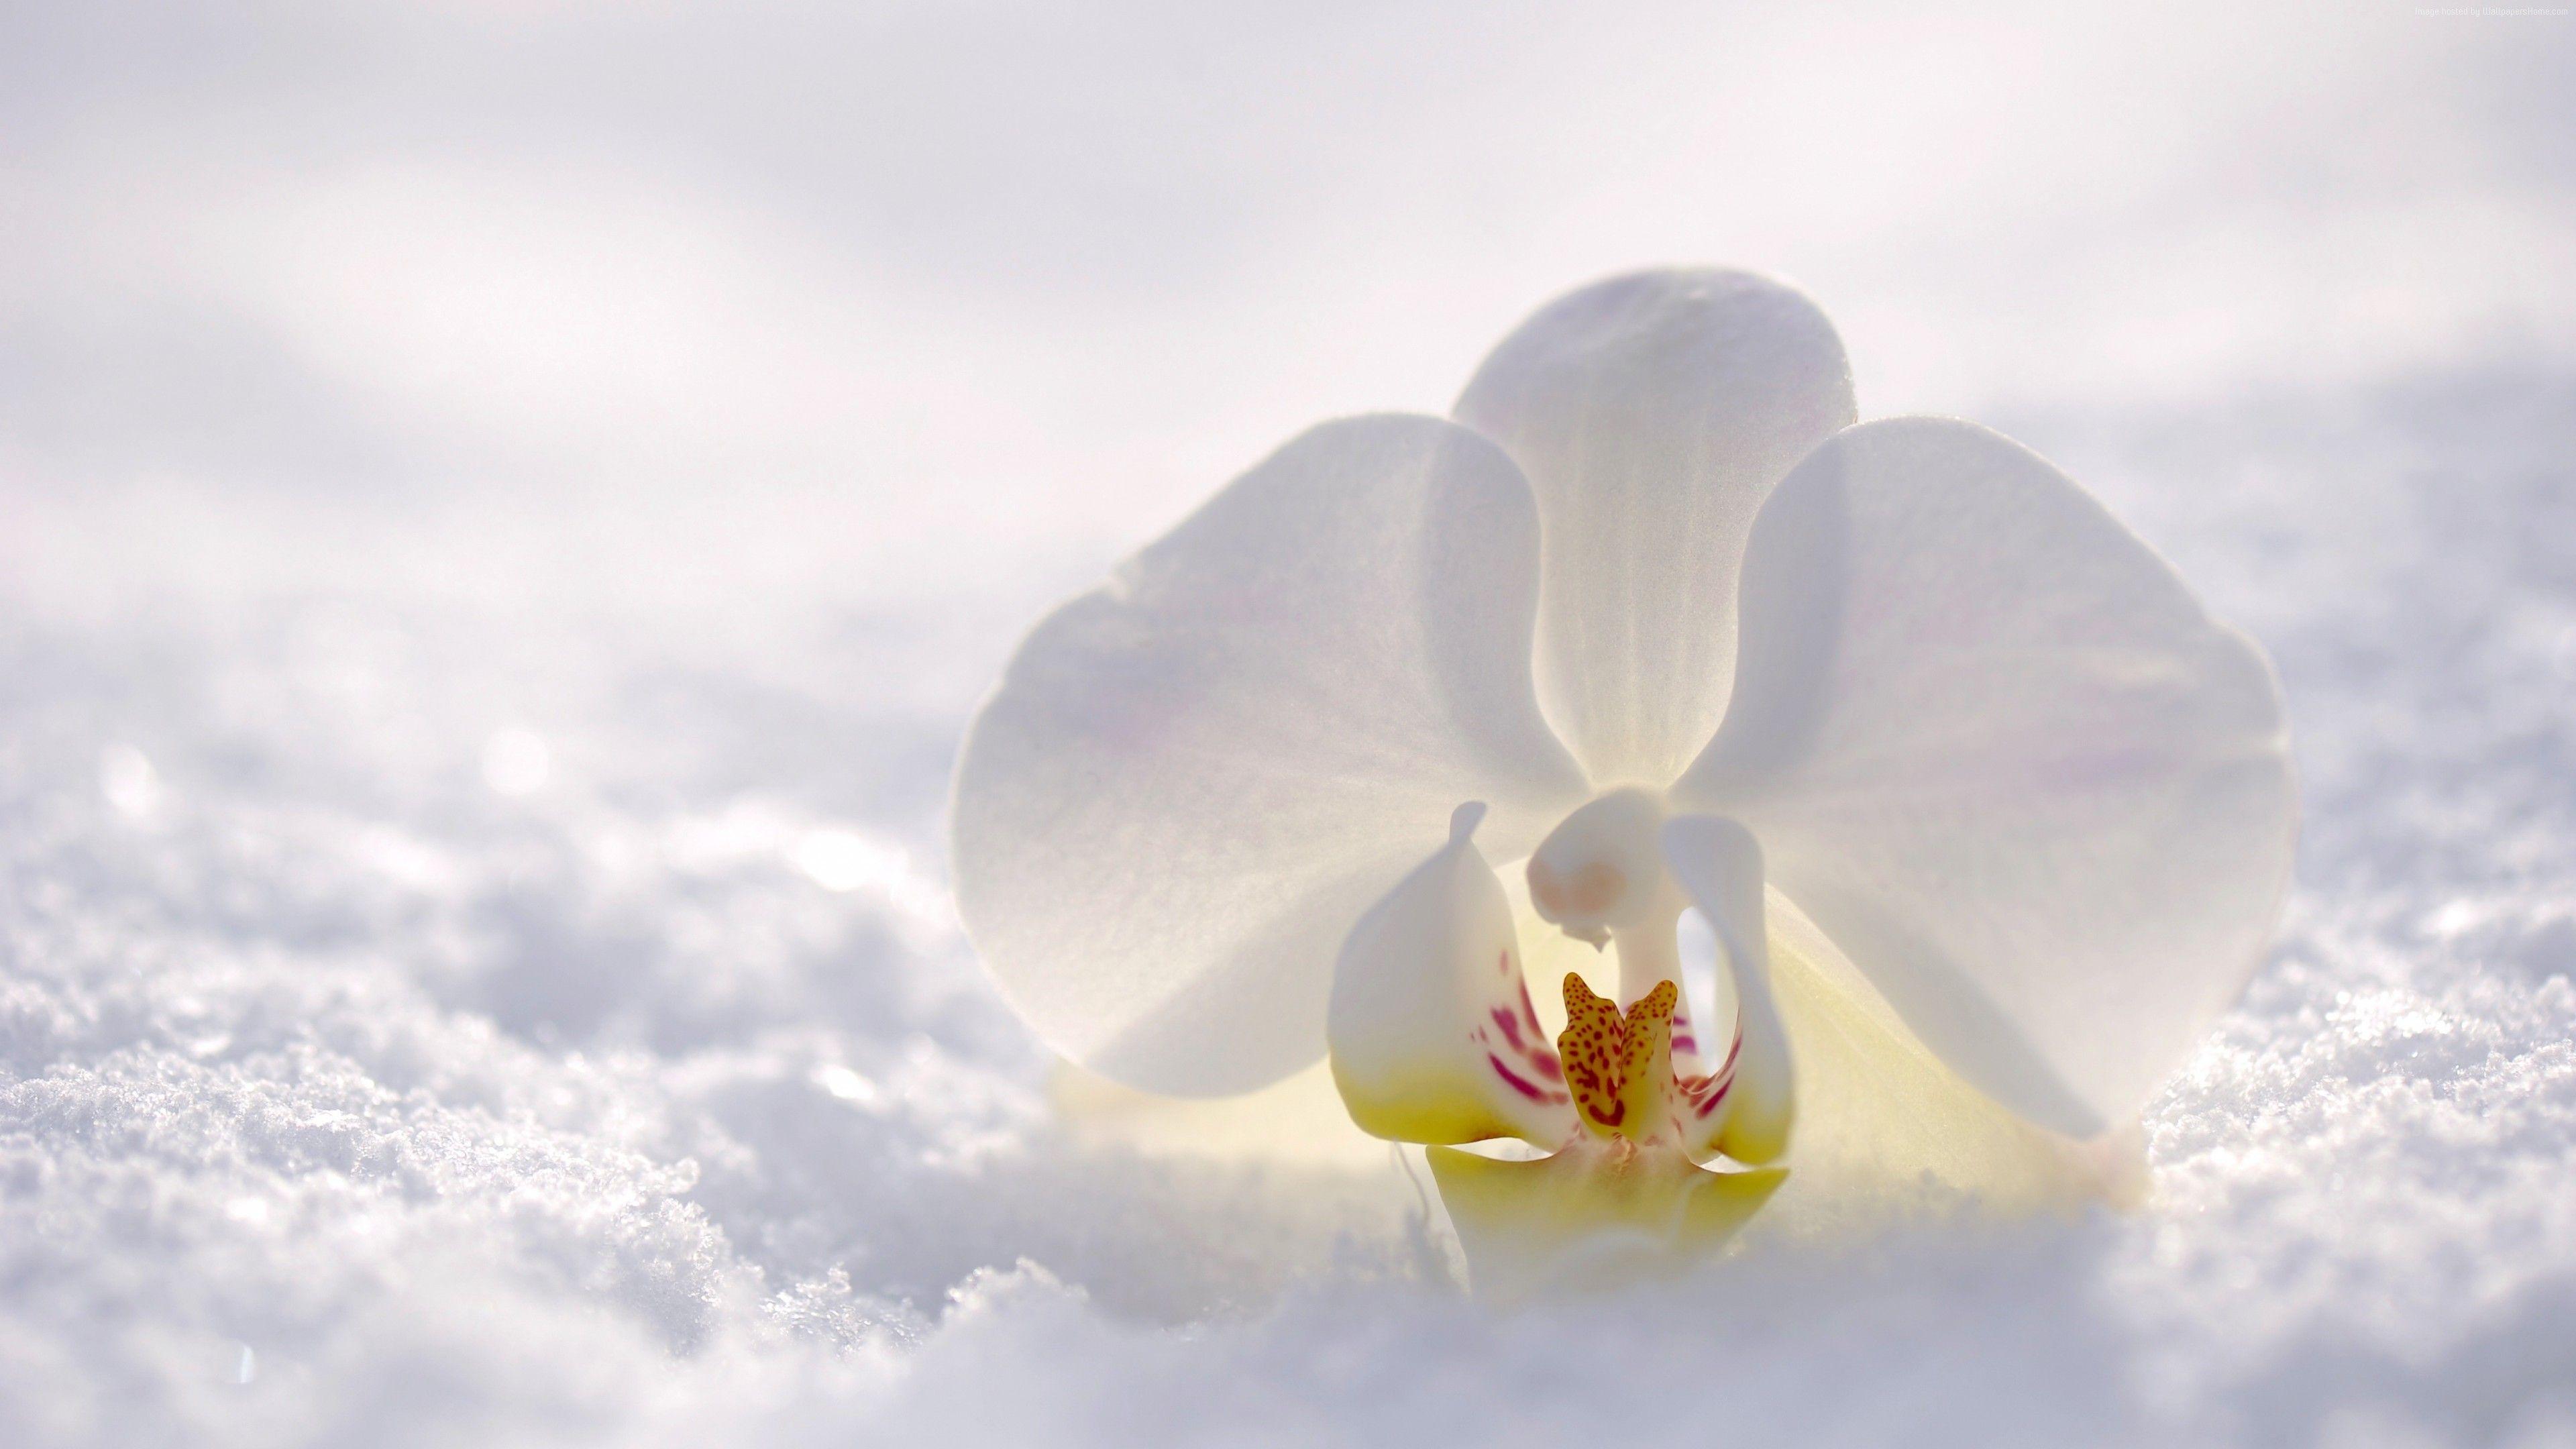 Stock Images Orchid Flower Snow Winter White 4k Stock Images Http Www Wallpaperback Net Stock Stock Images Orchid Orchid Wallpaper Orchids Wild Orchid